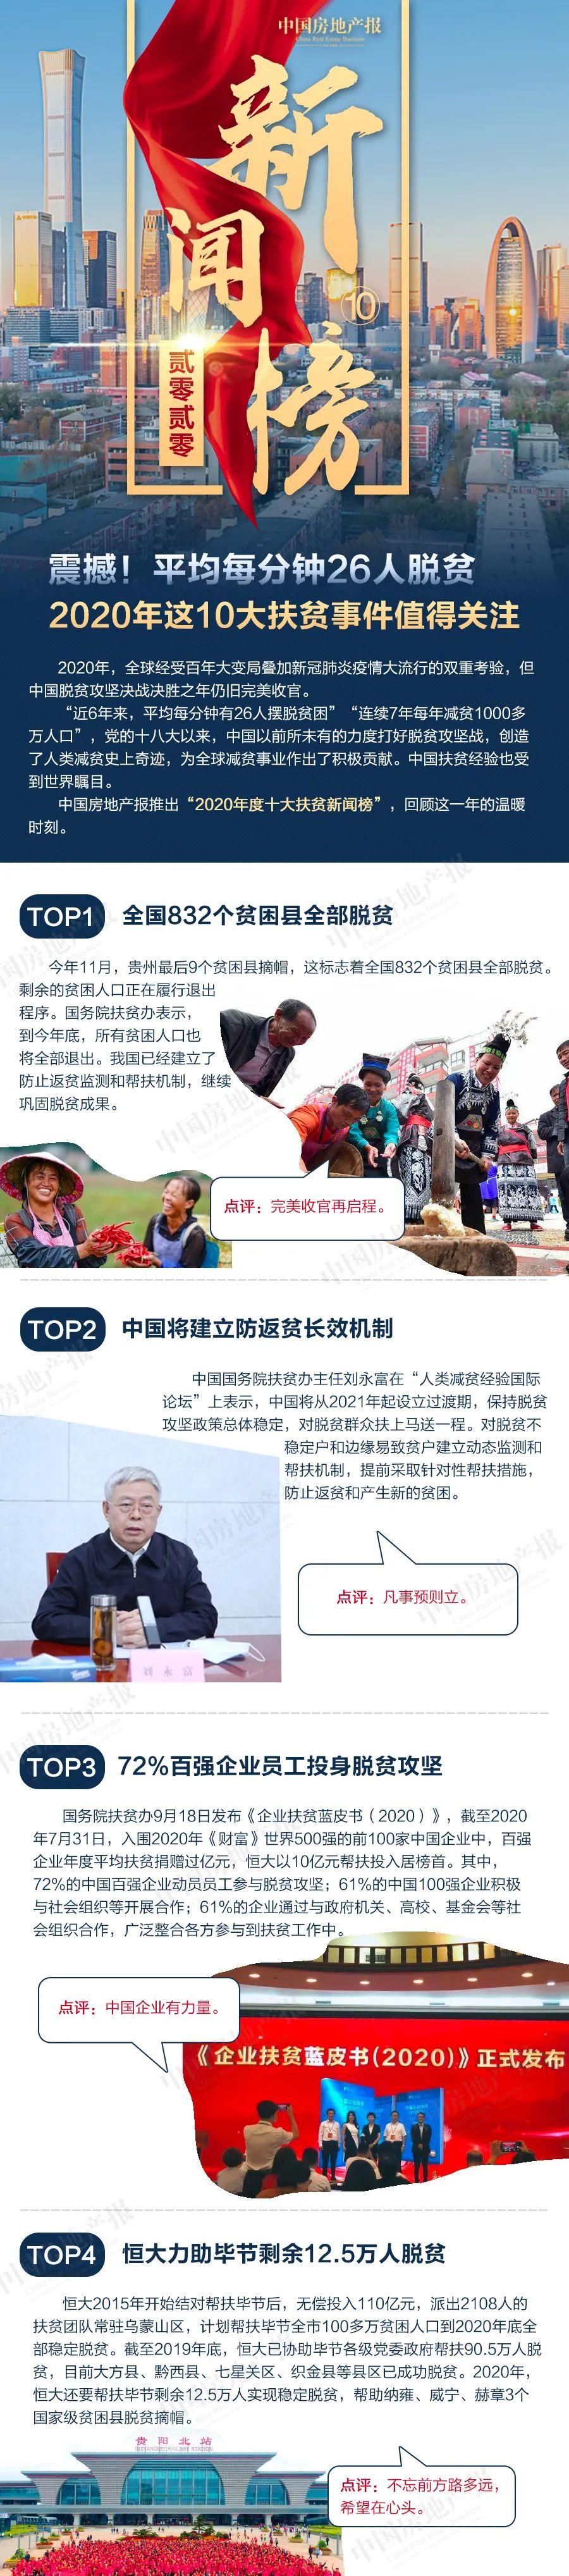 电银付激活码(dianyinzhifu.com):震撼!平均每分钟26人脱贫 2020年这10大扶贫事宜值得关注